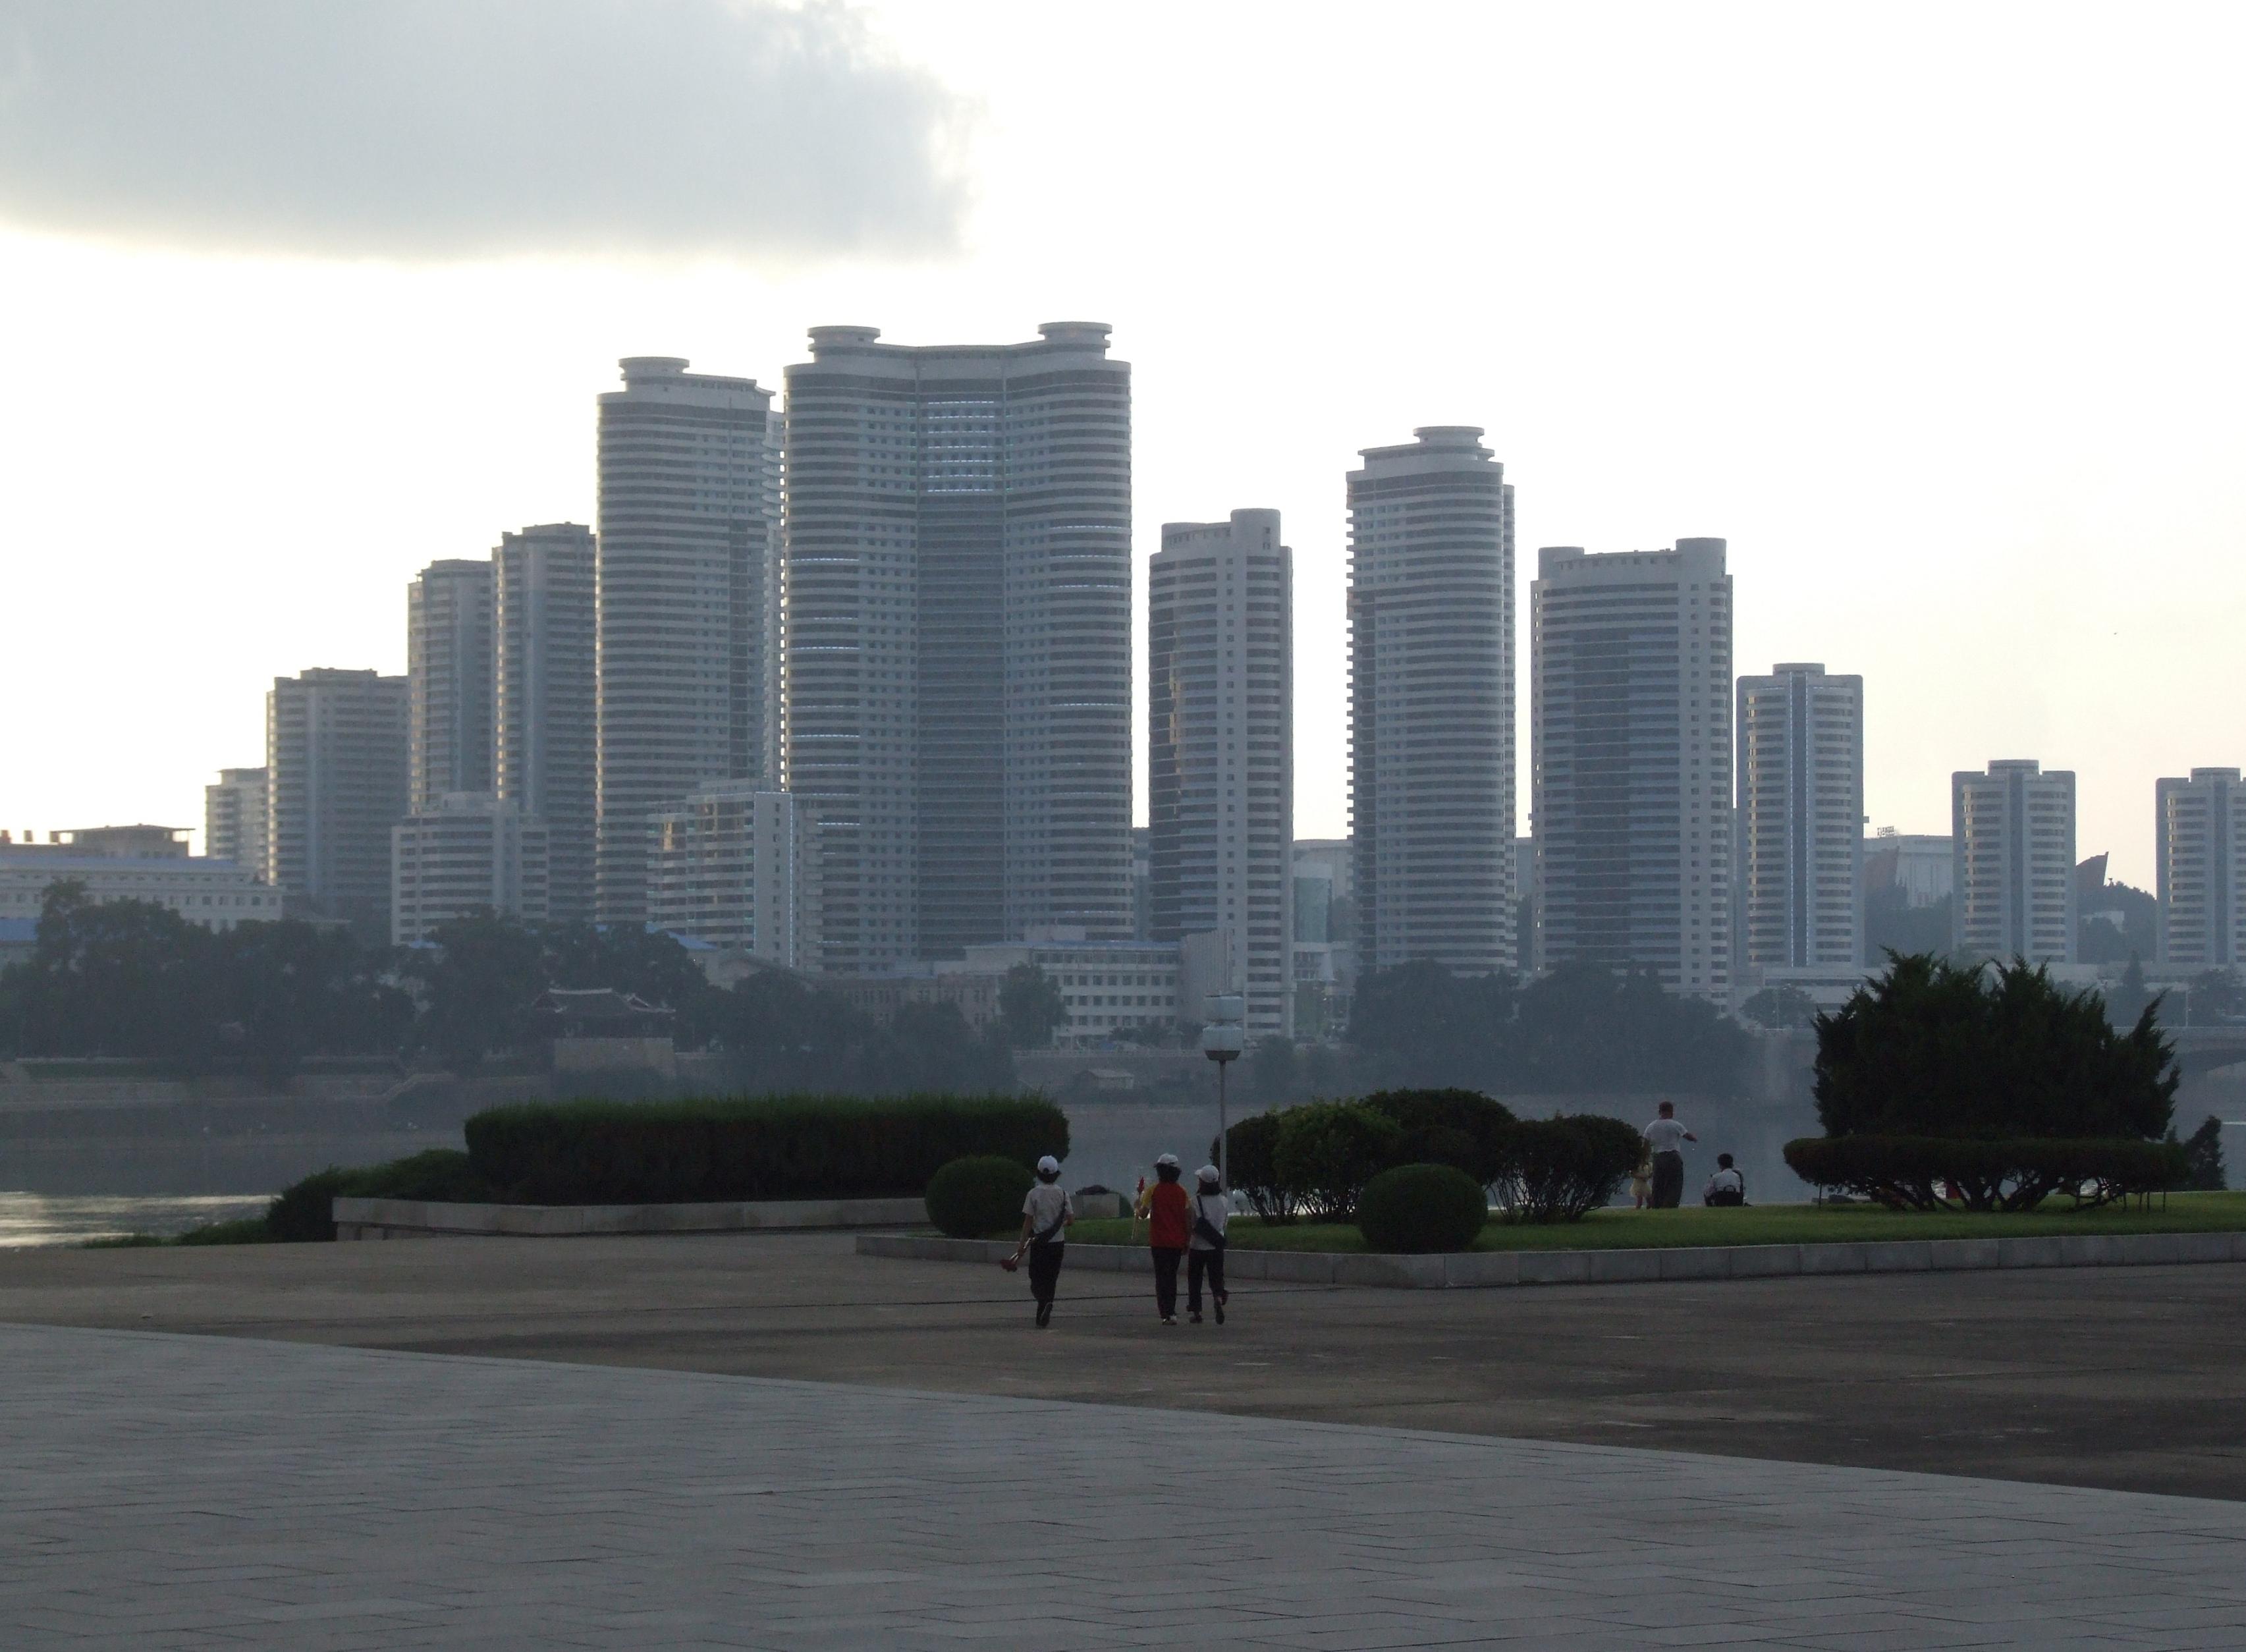 File:Buildings in Chung-guyok, Pyongyang.JPG - Wikimedia ...